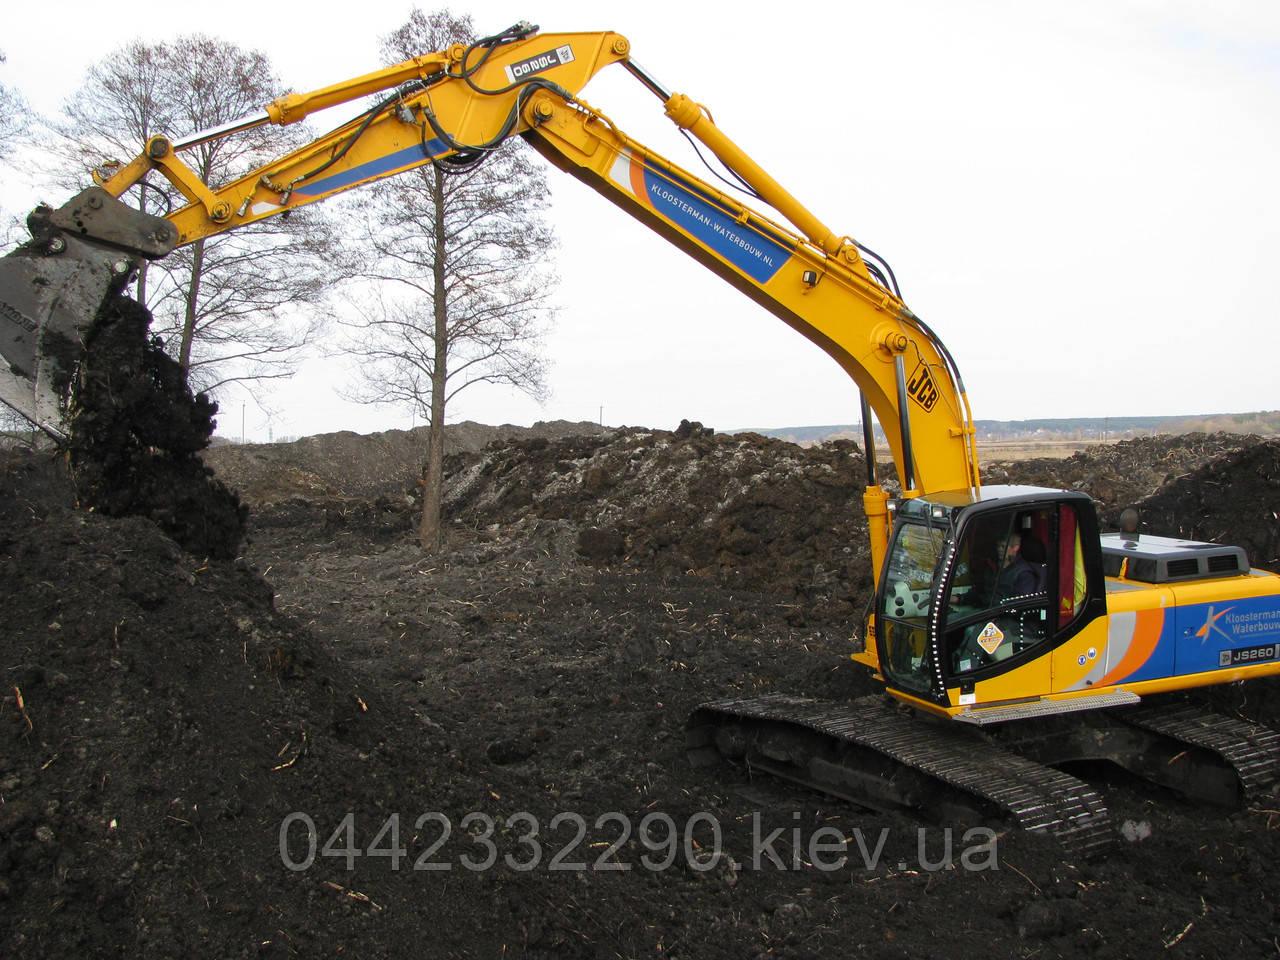 Родючий чорнозем грунт земля - Продаж доставка Київ Київська область